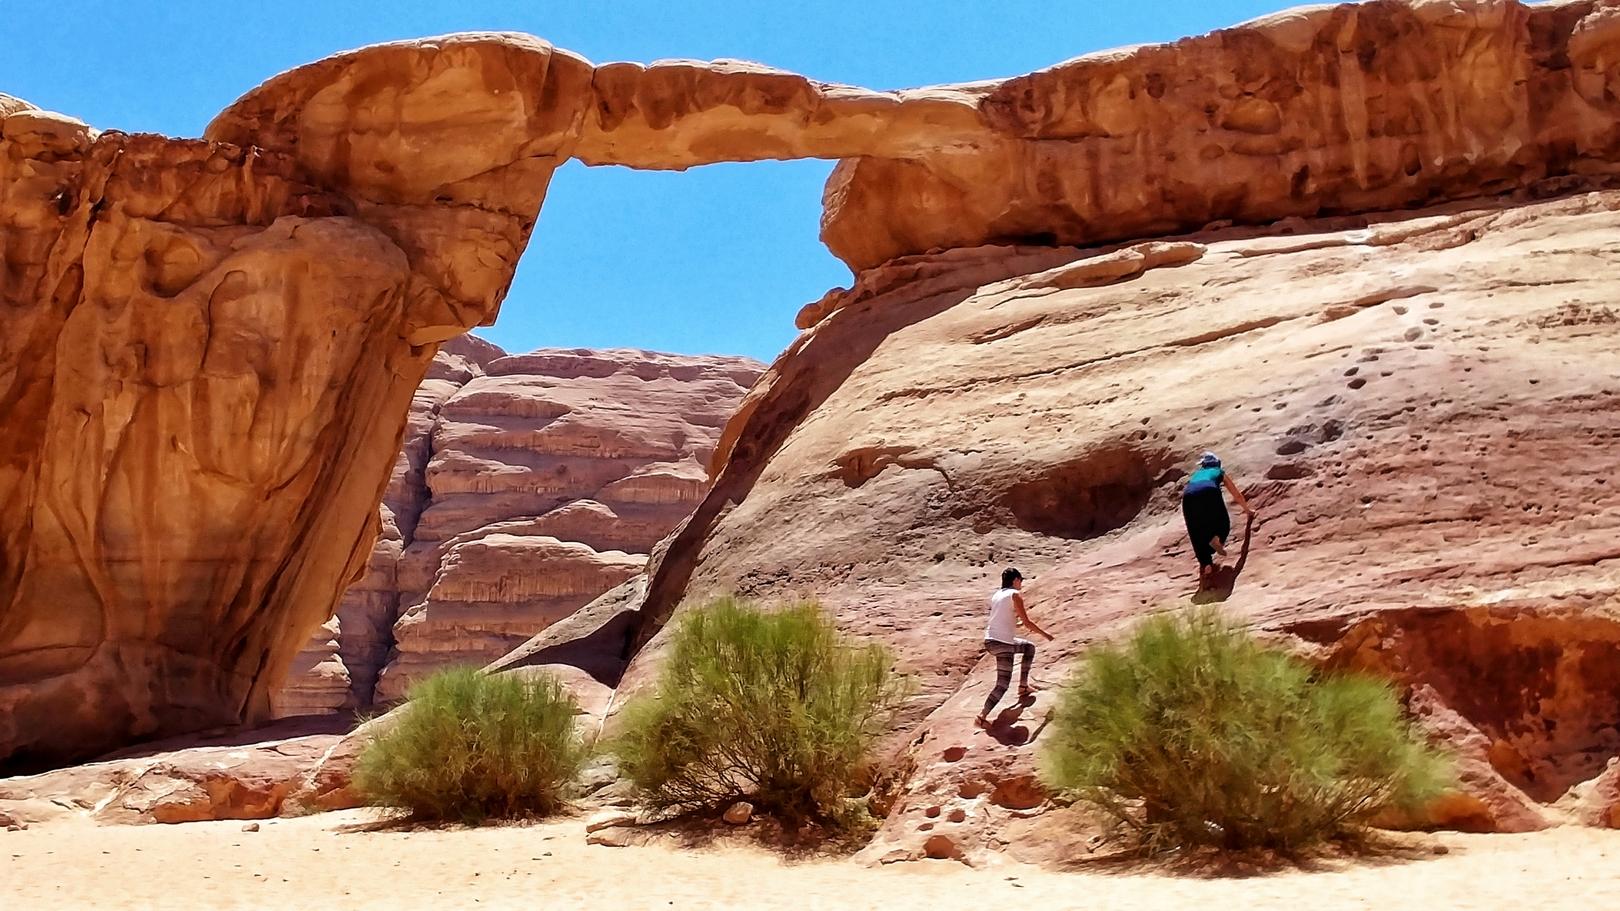 Jordanie - Arche dans le désert de Wadi Rum